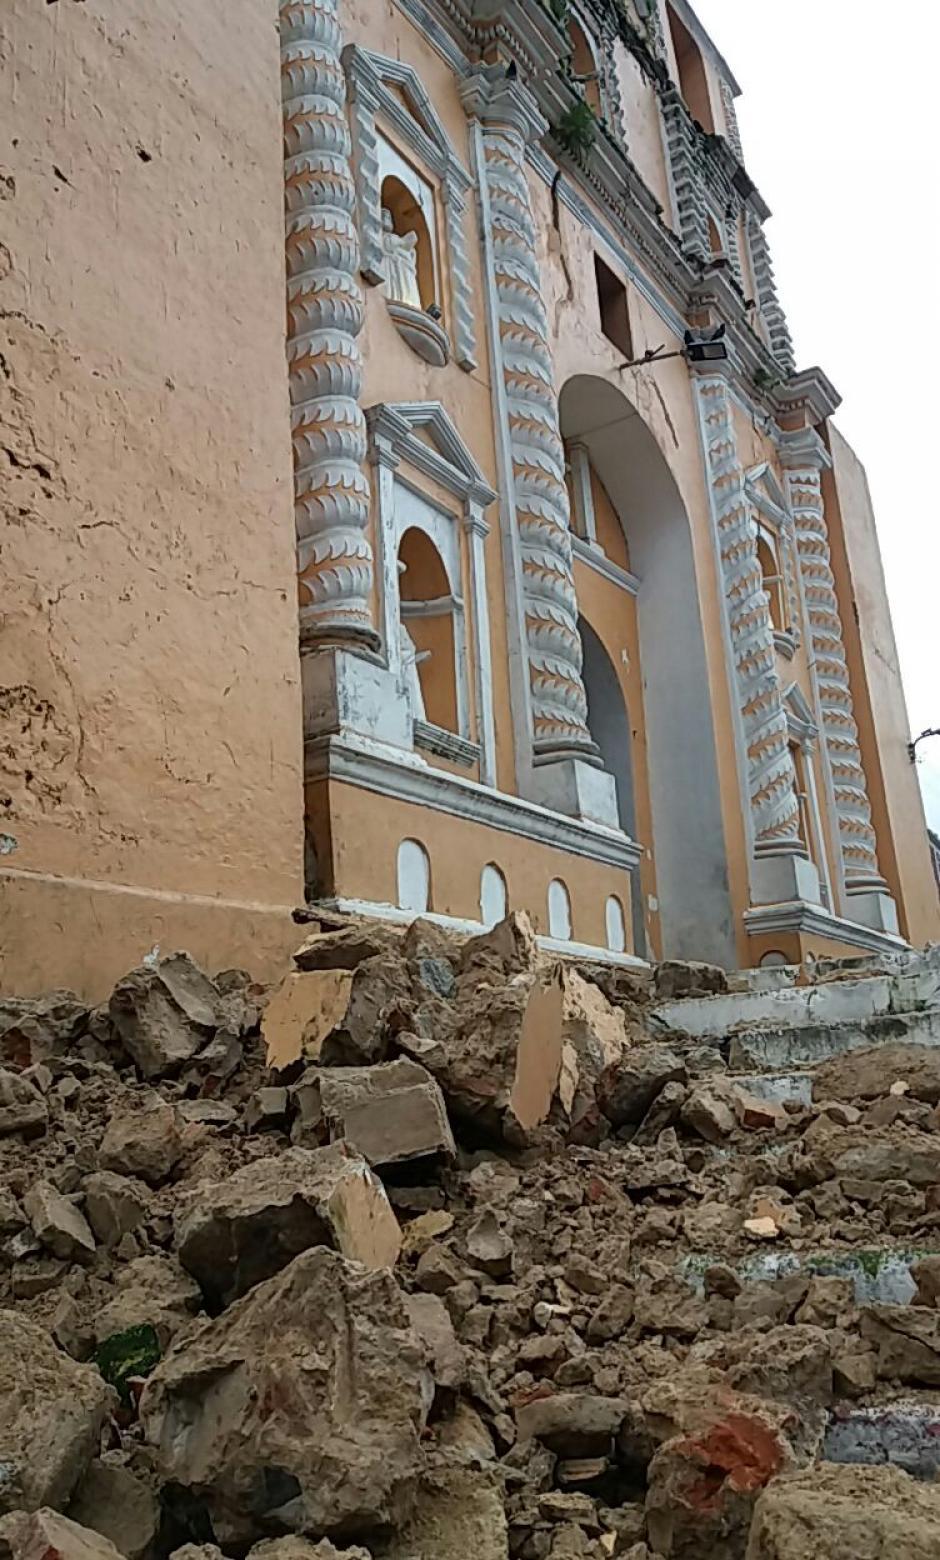 Estos son los daños ocasioados en Samayac, Suchitepéquez. (Foto: Periódico La Razón)